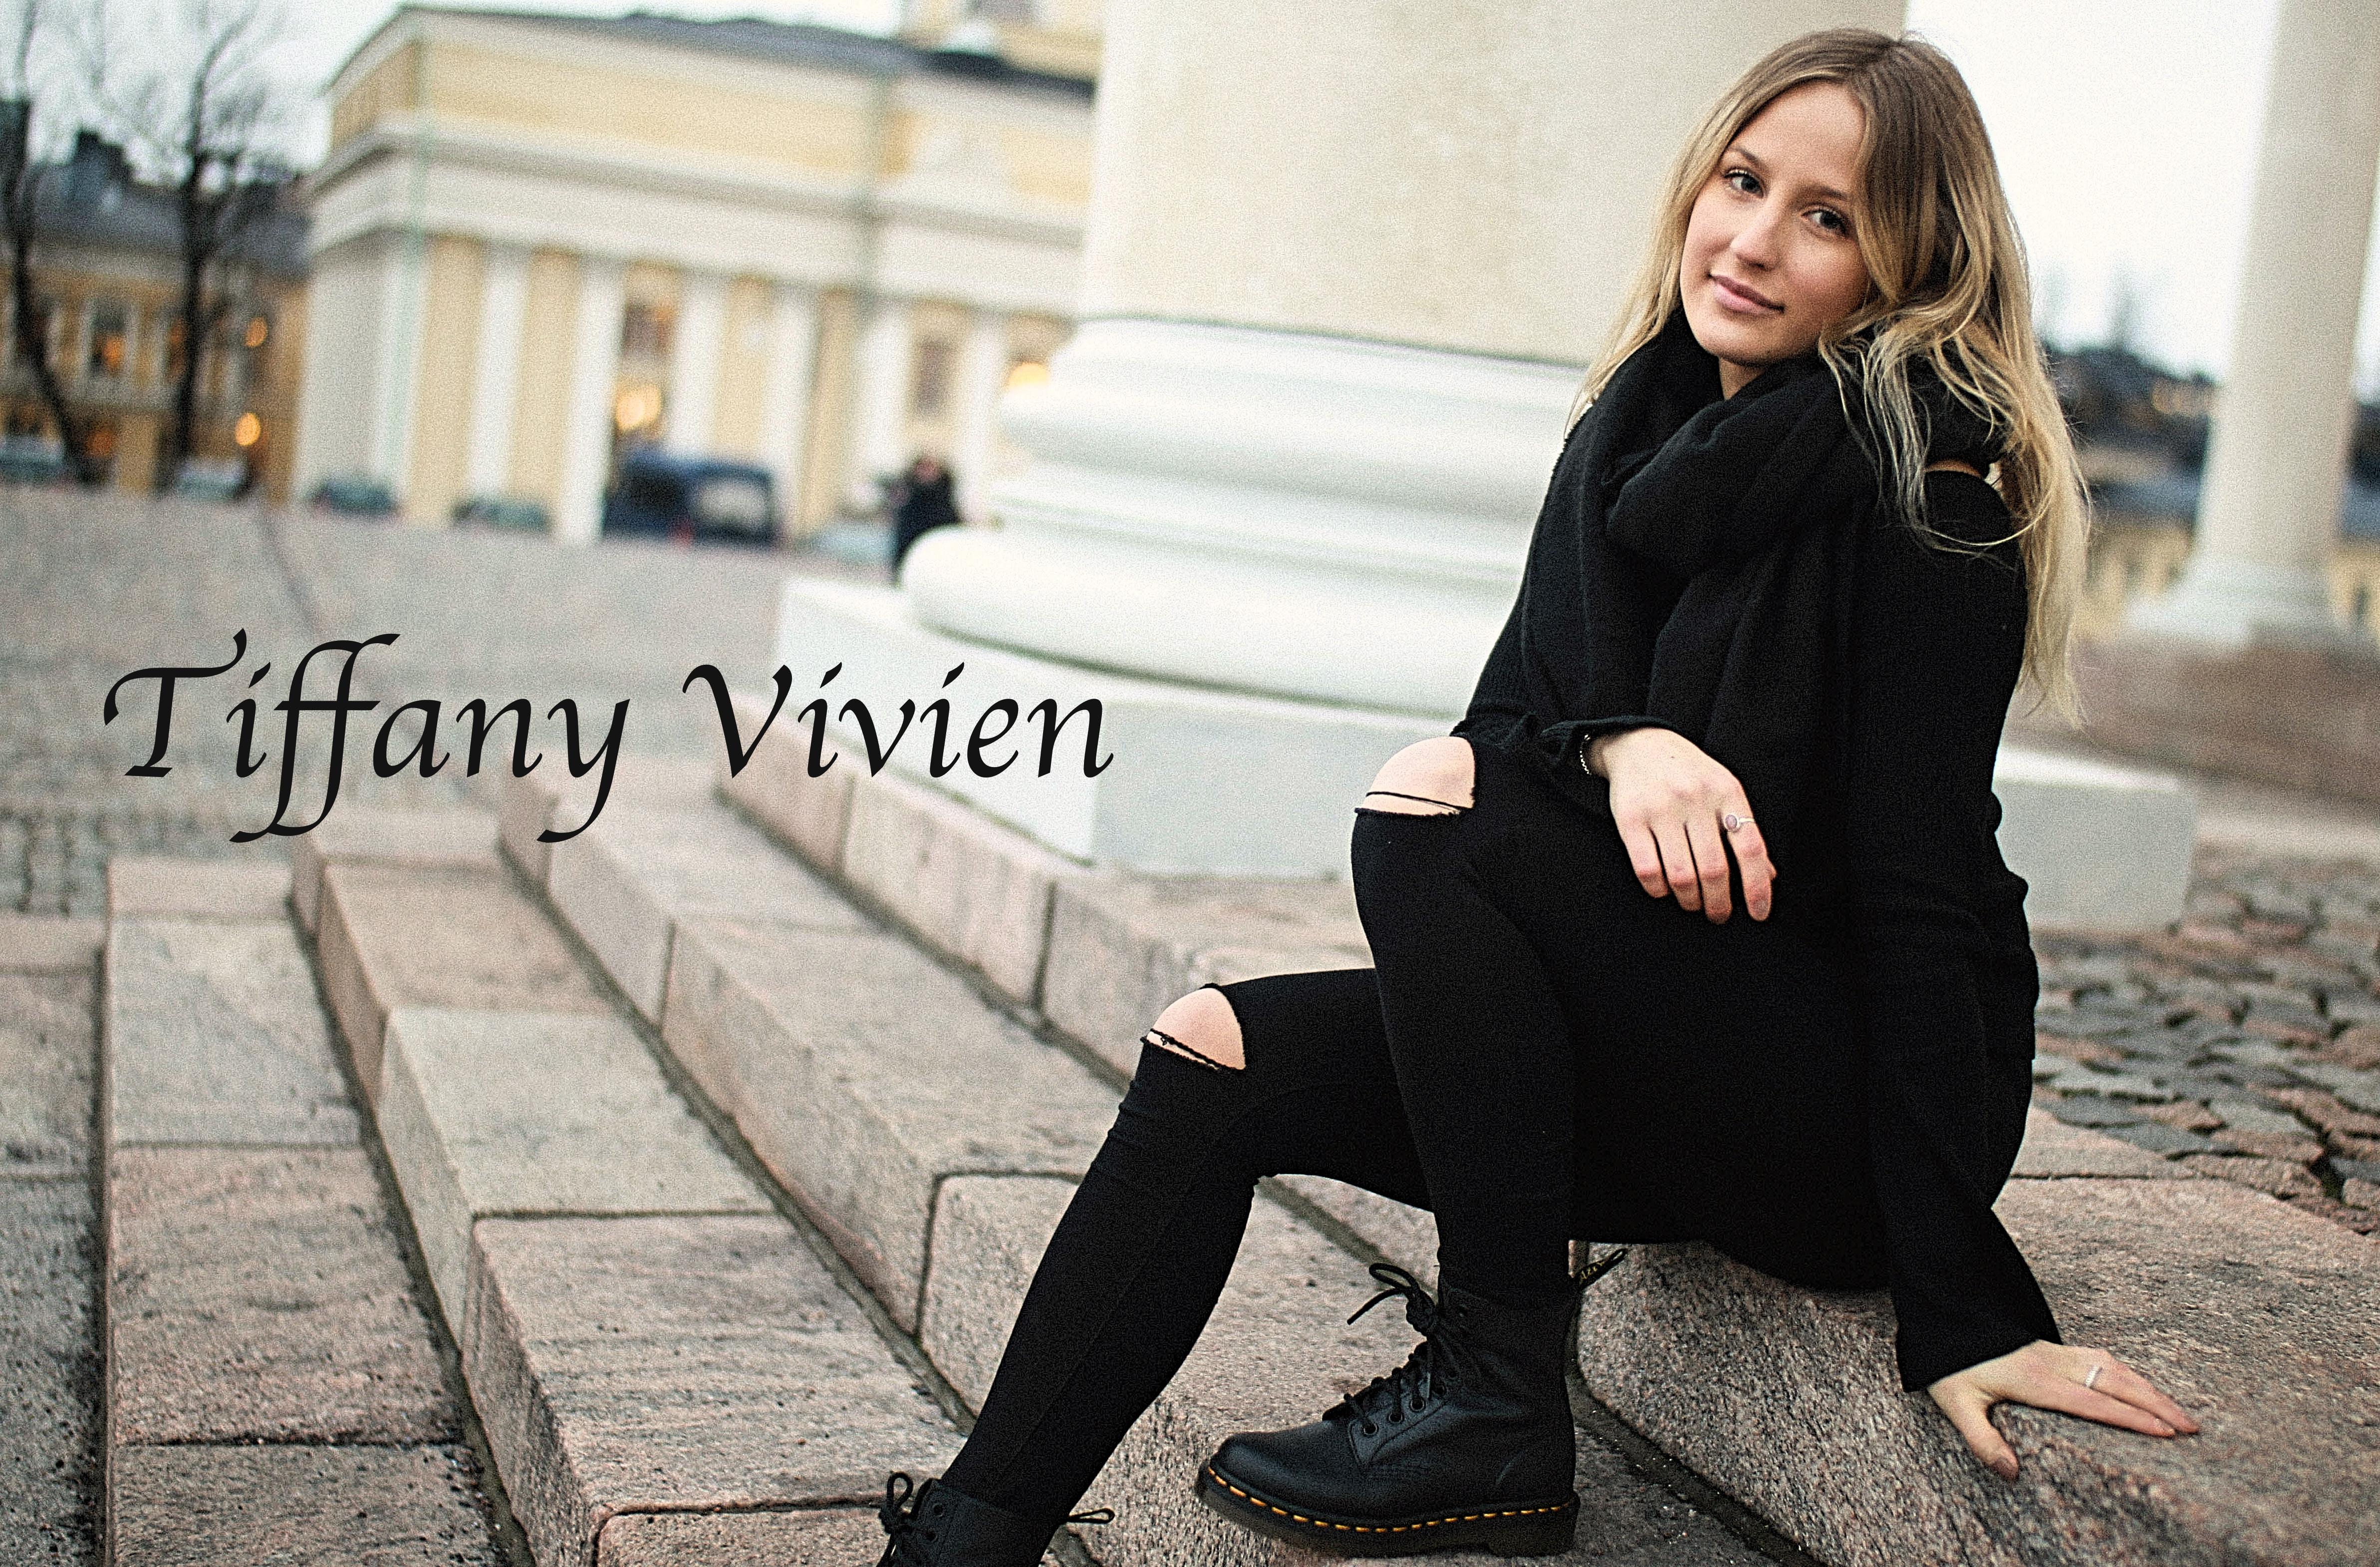 TiffanyVivien